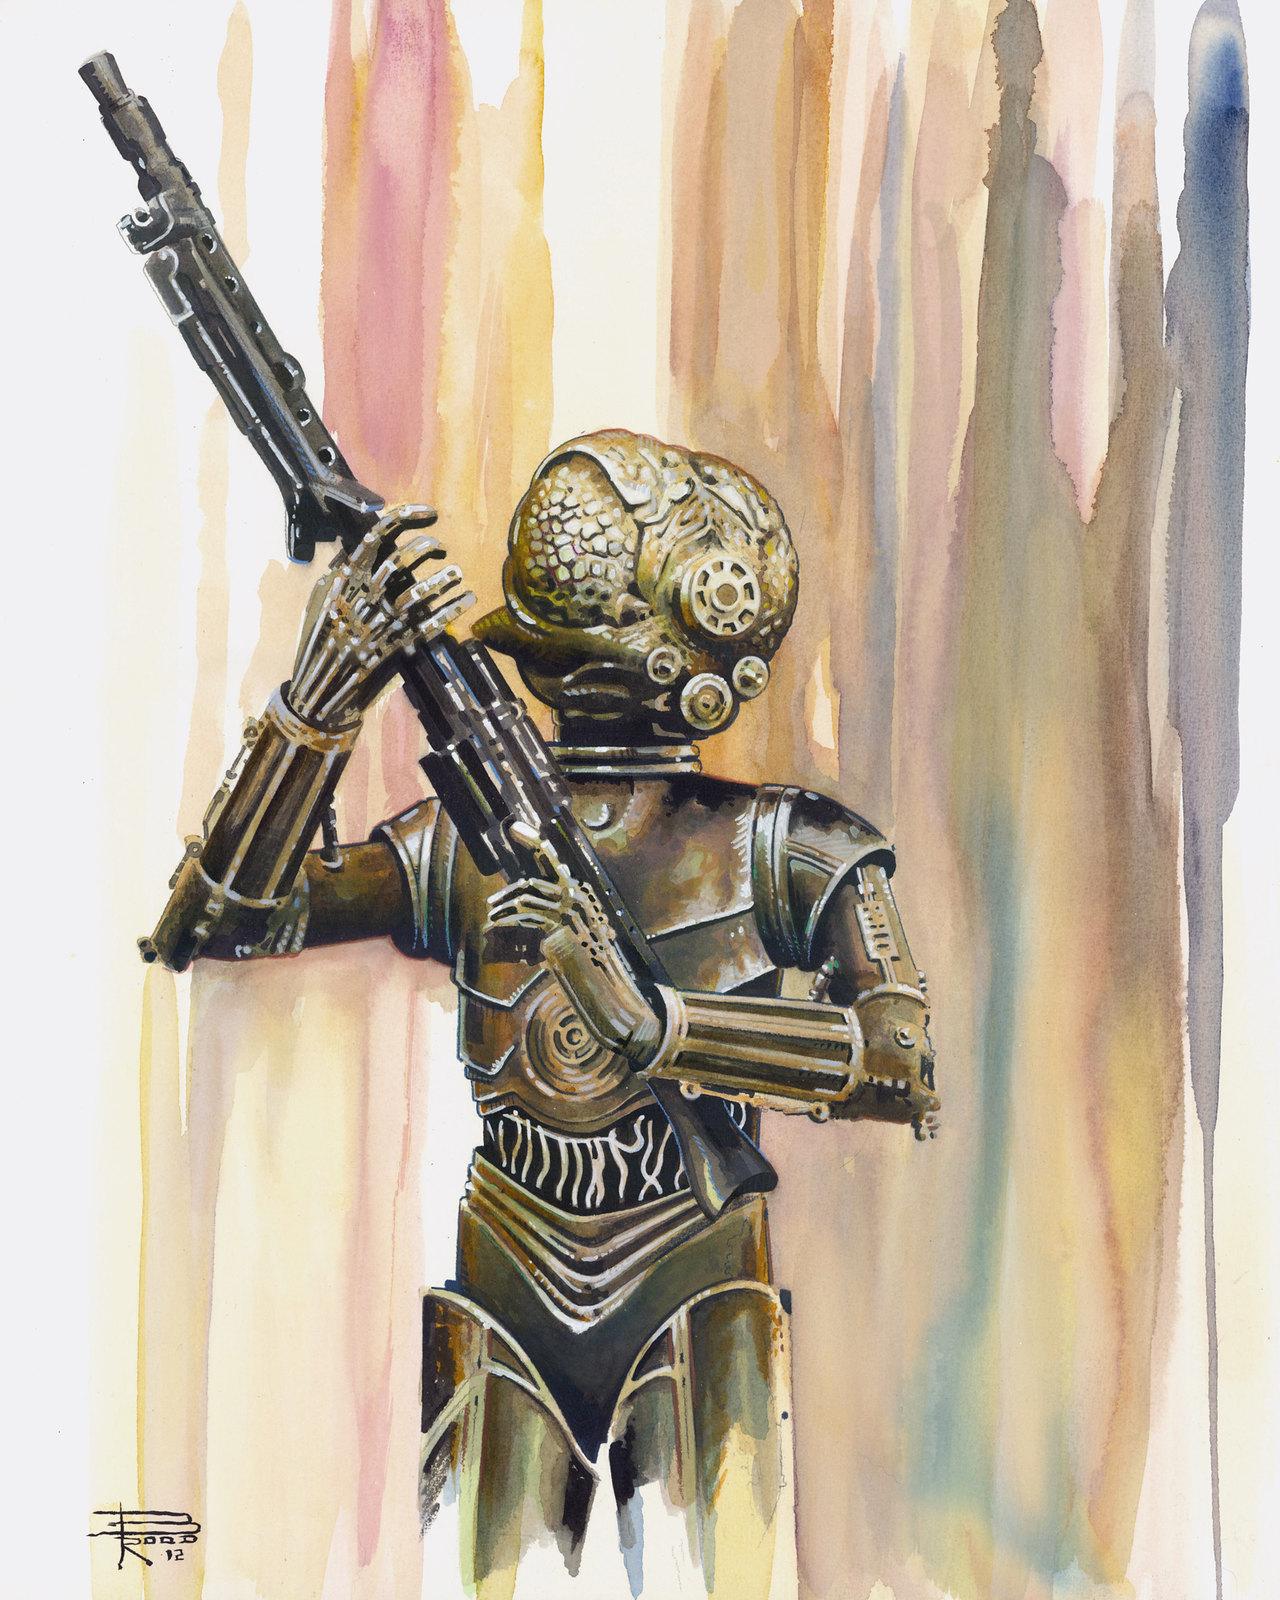 Star Wars 4-LOM by Brian Rood